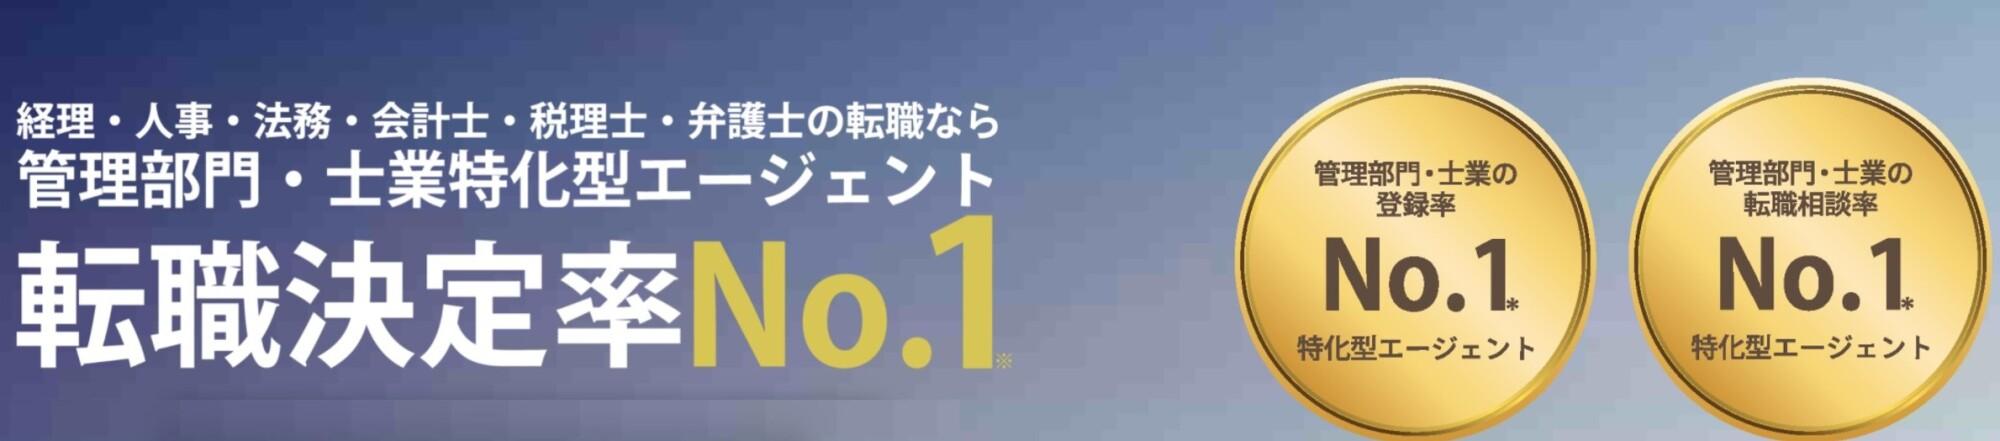 株式会社MS-JapanのMS Agent決定率No.1